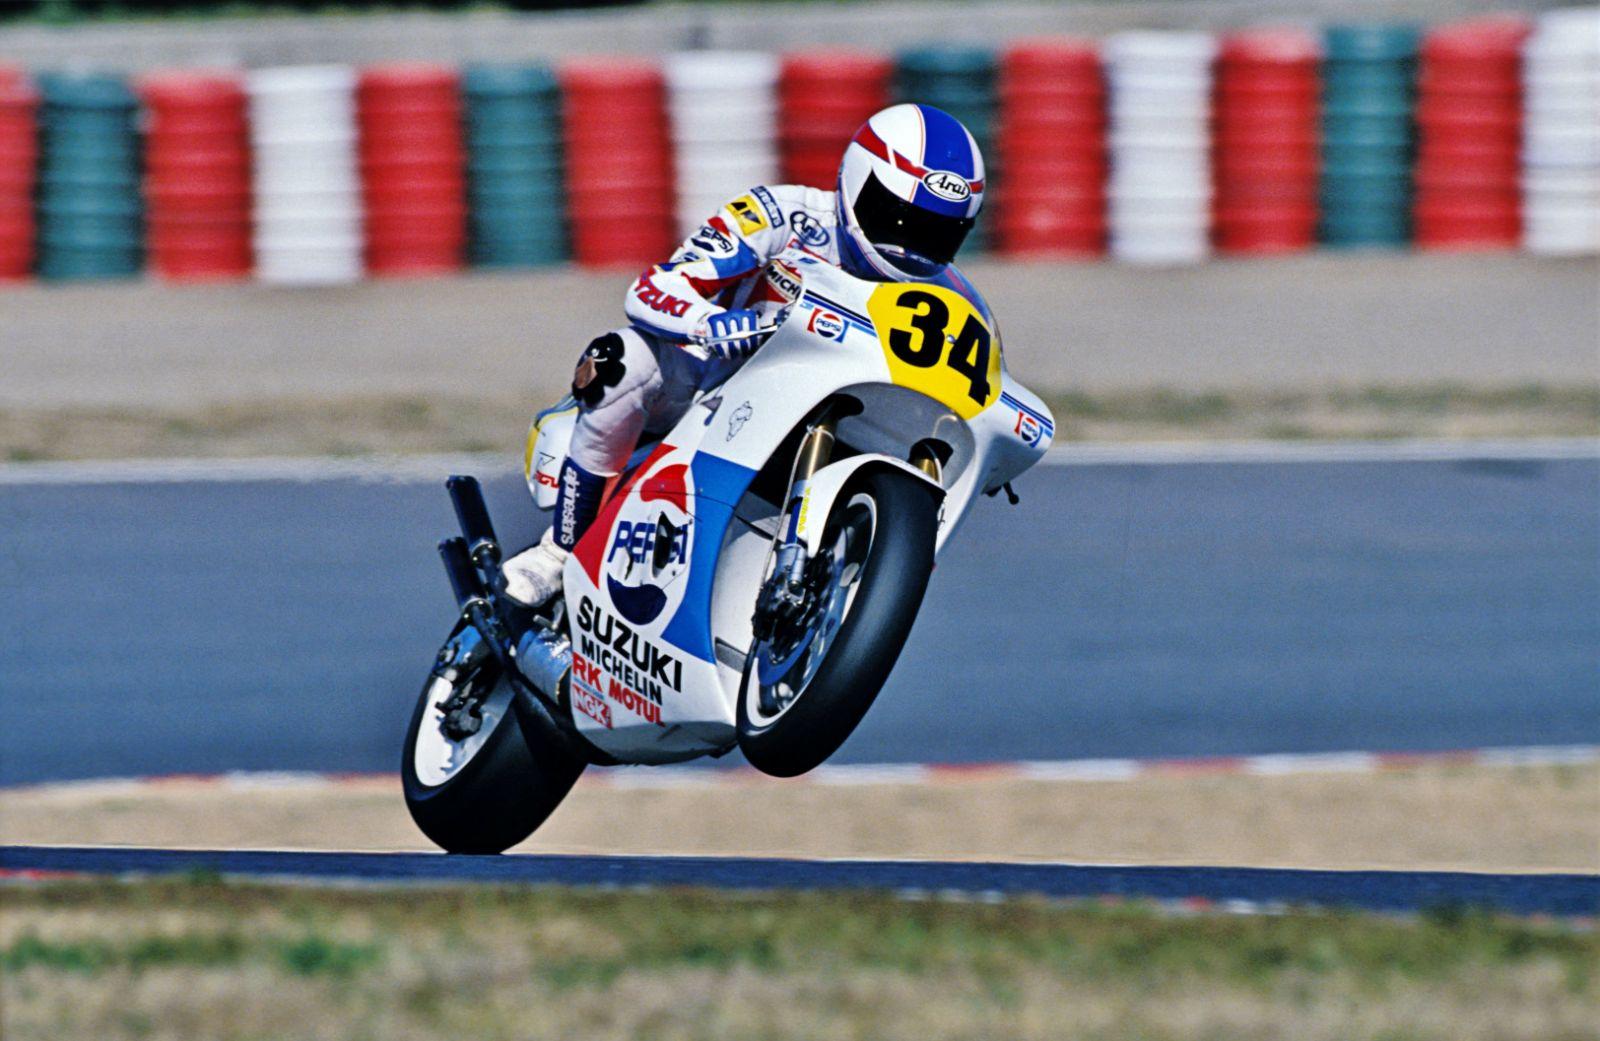 Schwantz, Japanese GP 1989